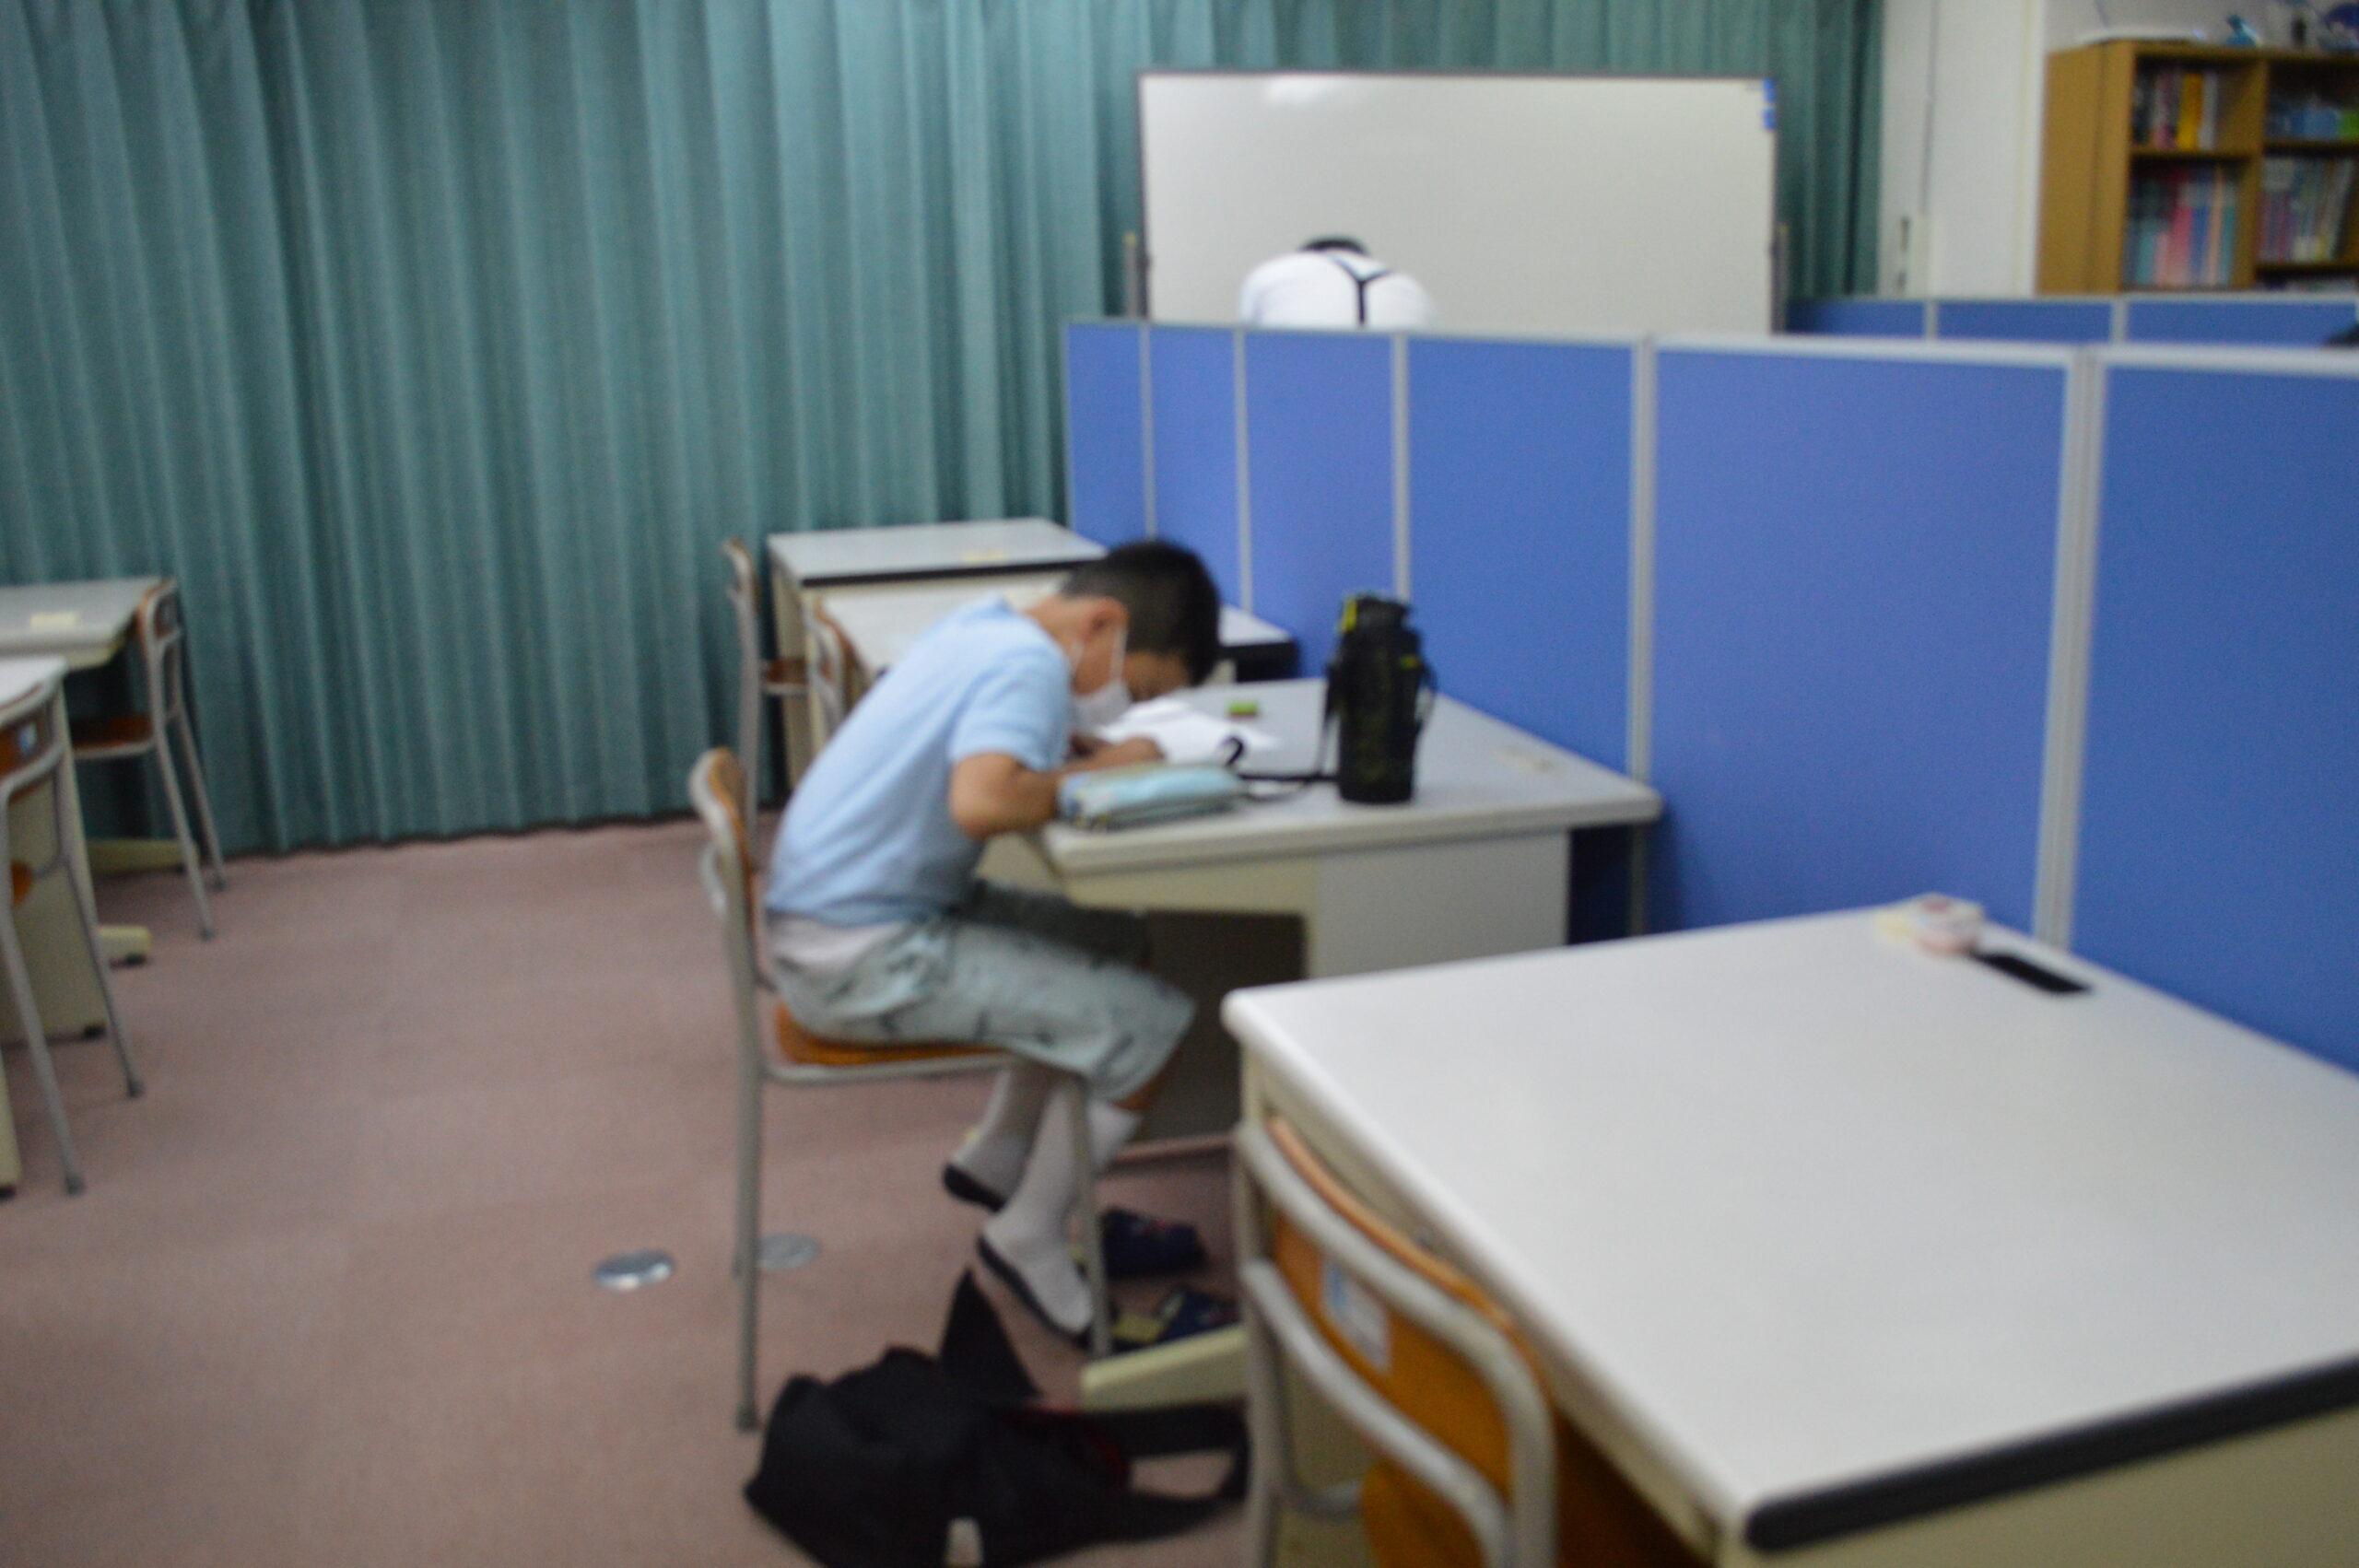 広々とした空間で勉強を。ベストワンが生まれ変わりました②page-visual 広々とした空間で勉強を。ベストワンが生まれ変わりました②ビジュアル